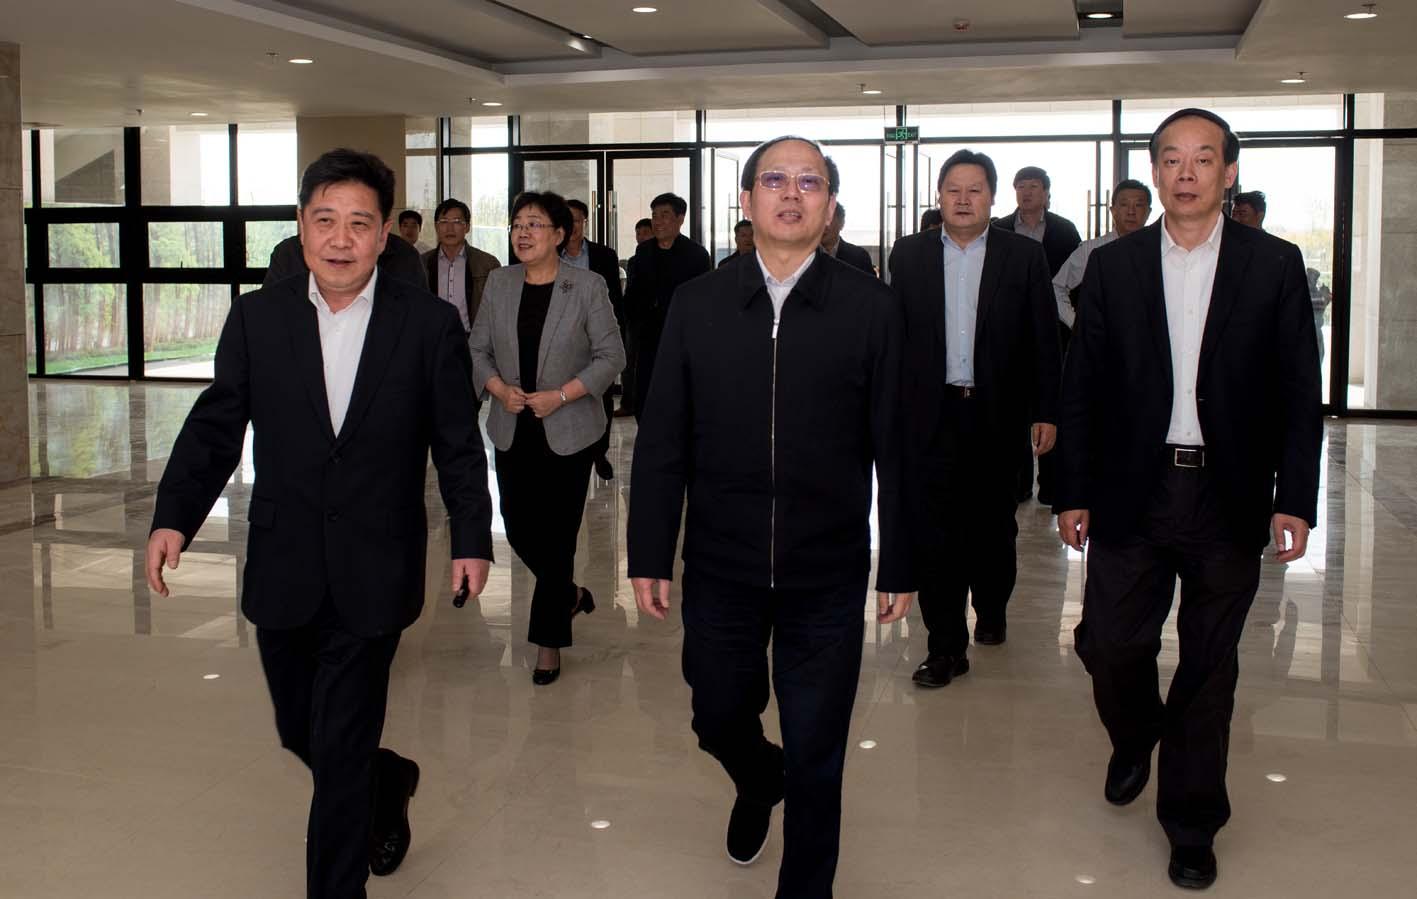 北方网 新闻中心 天津 天津新闻    摄影郑国祥   4月22日下午,国家